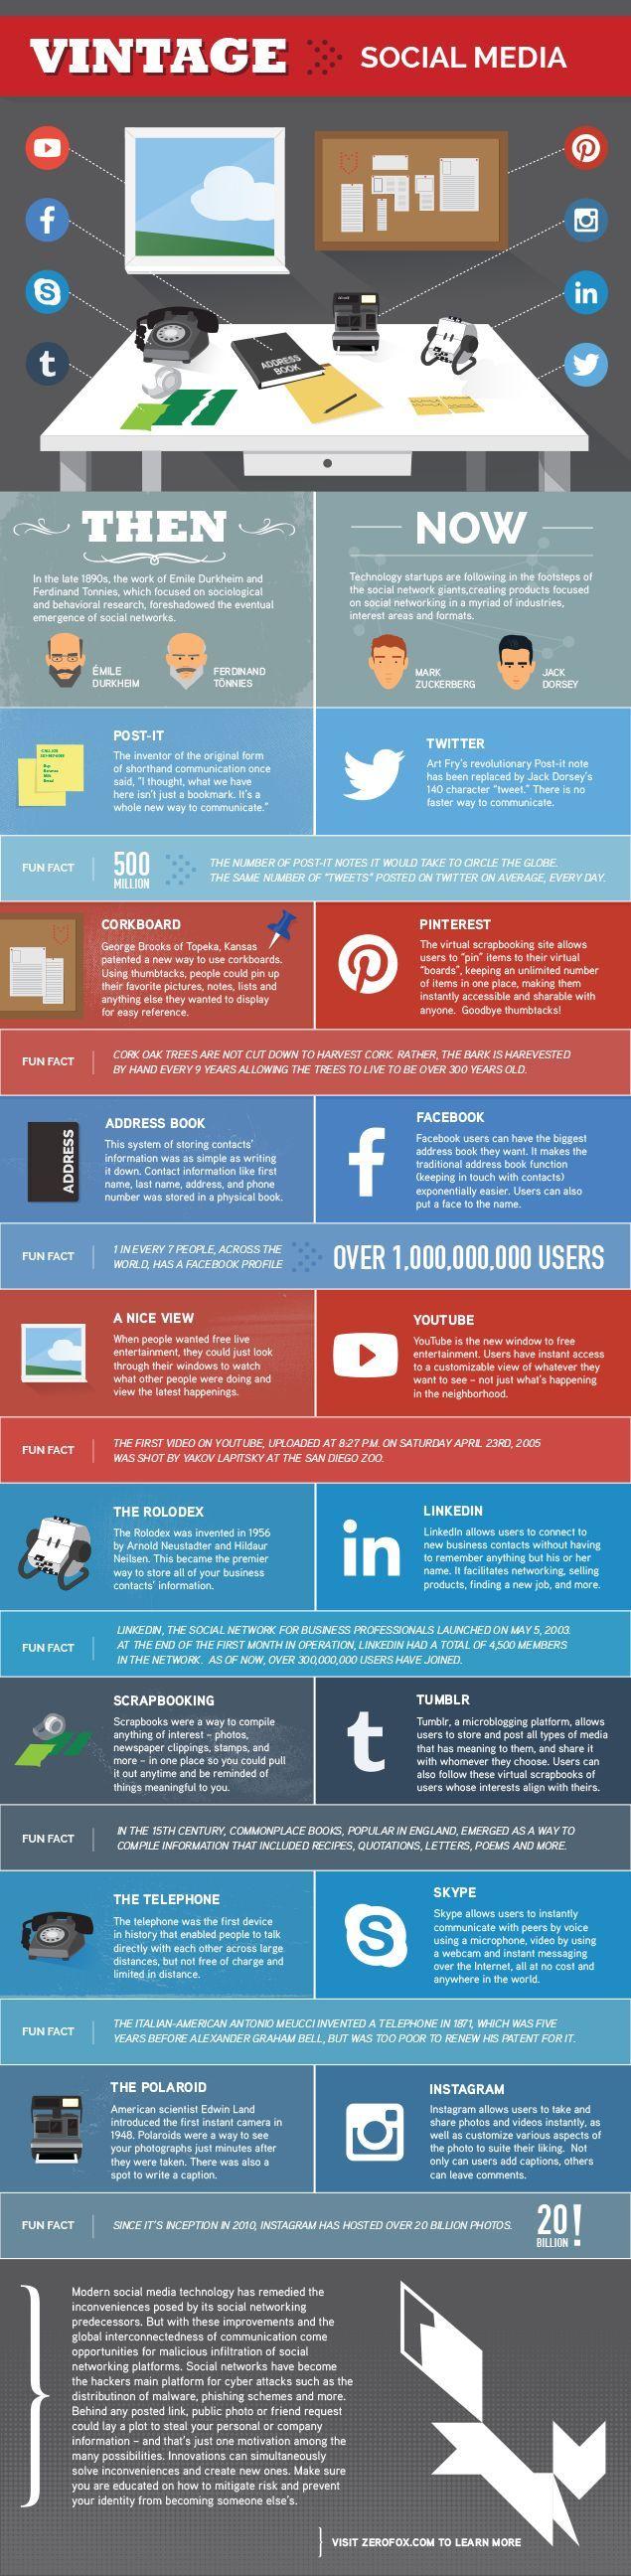 Las redes sociales, antes y ahora [Infografía] #SocialMedia #RedesSociales